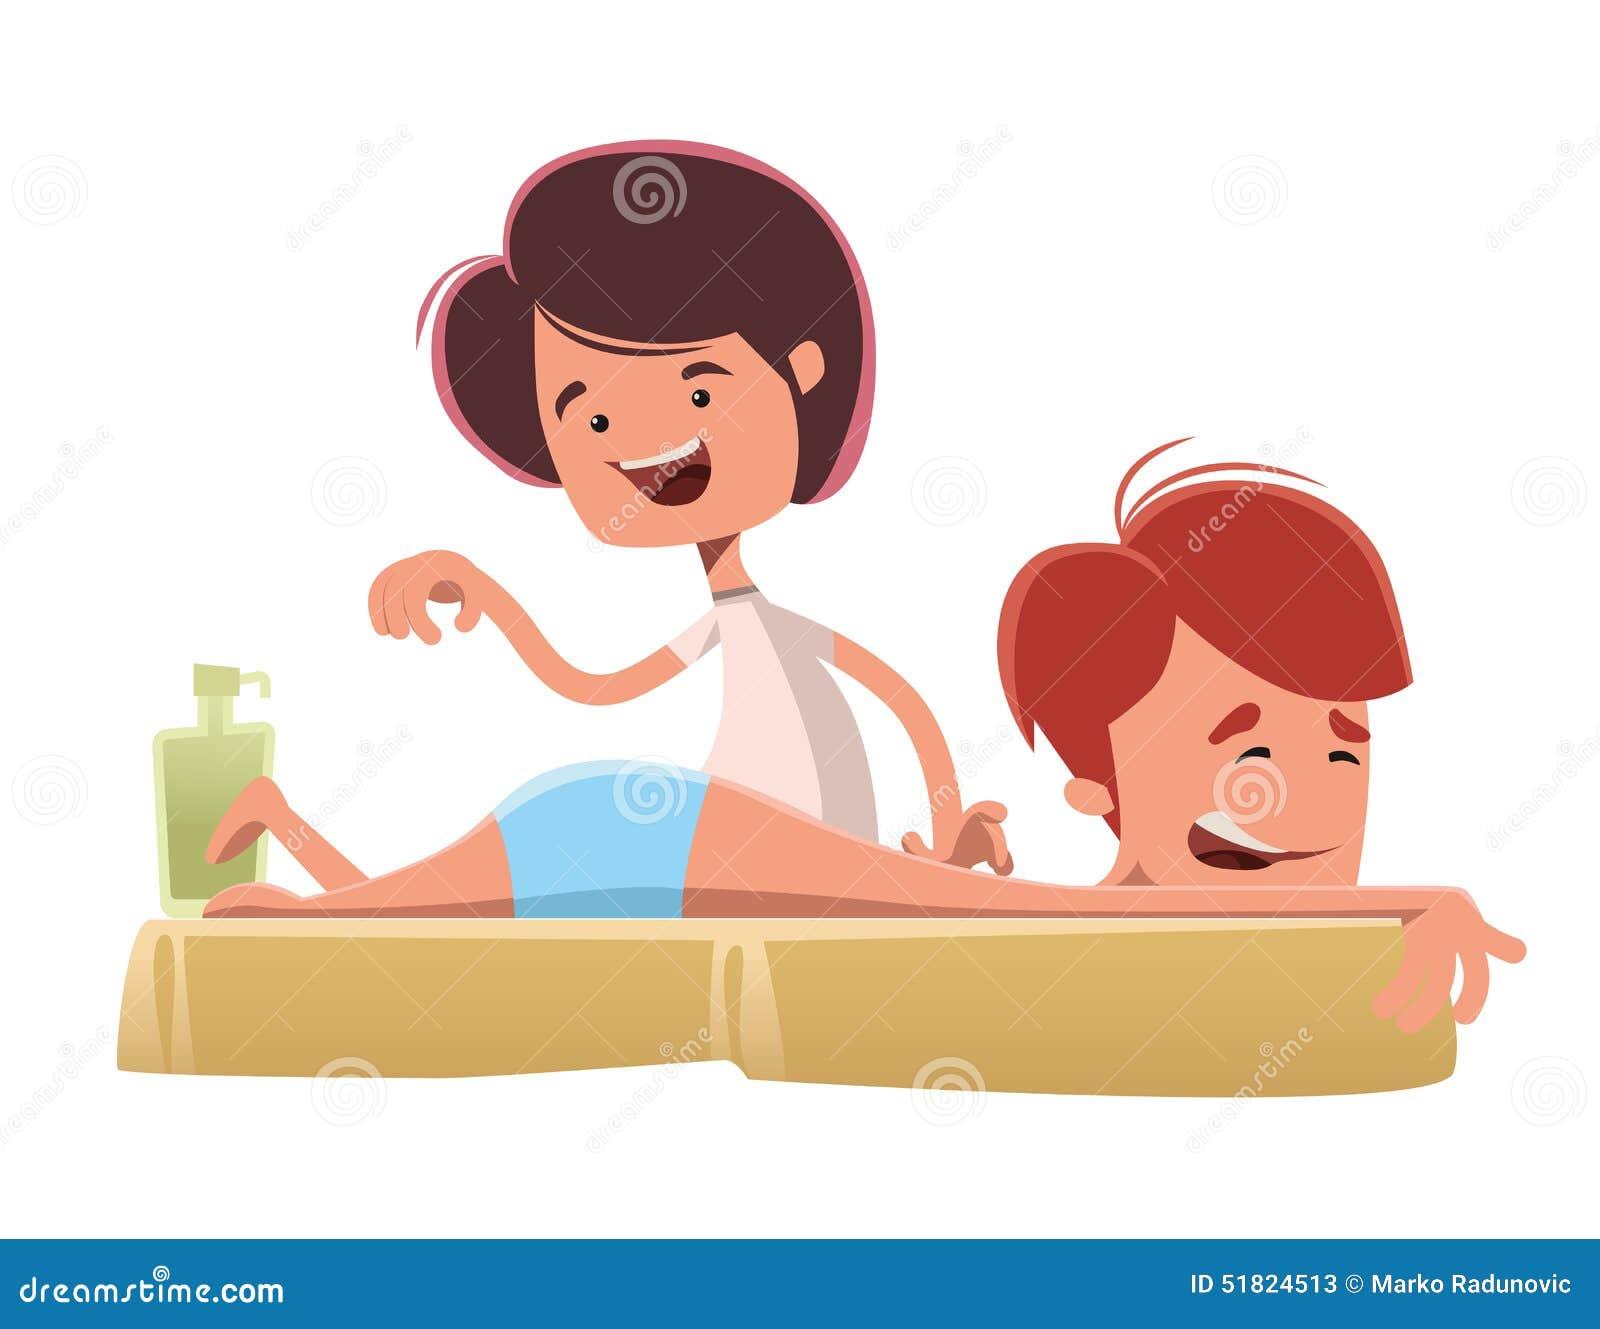 dibujos animados masajes surco